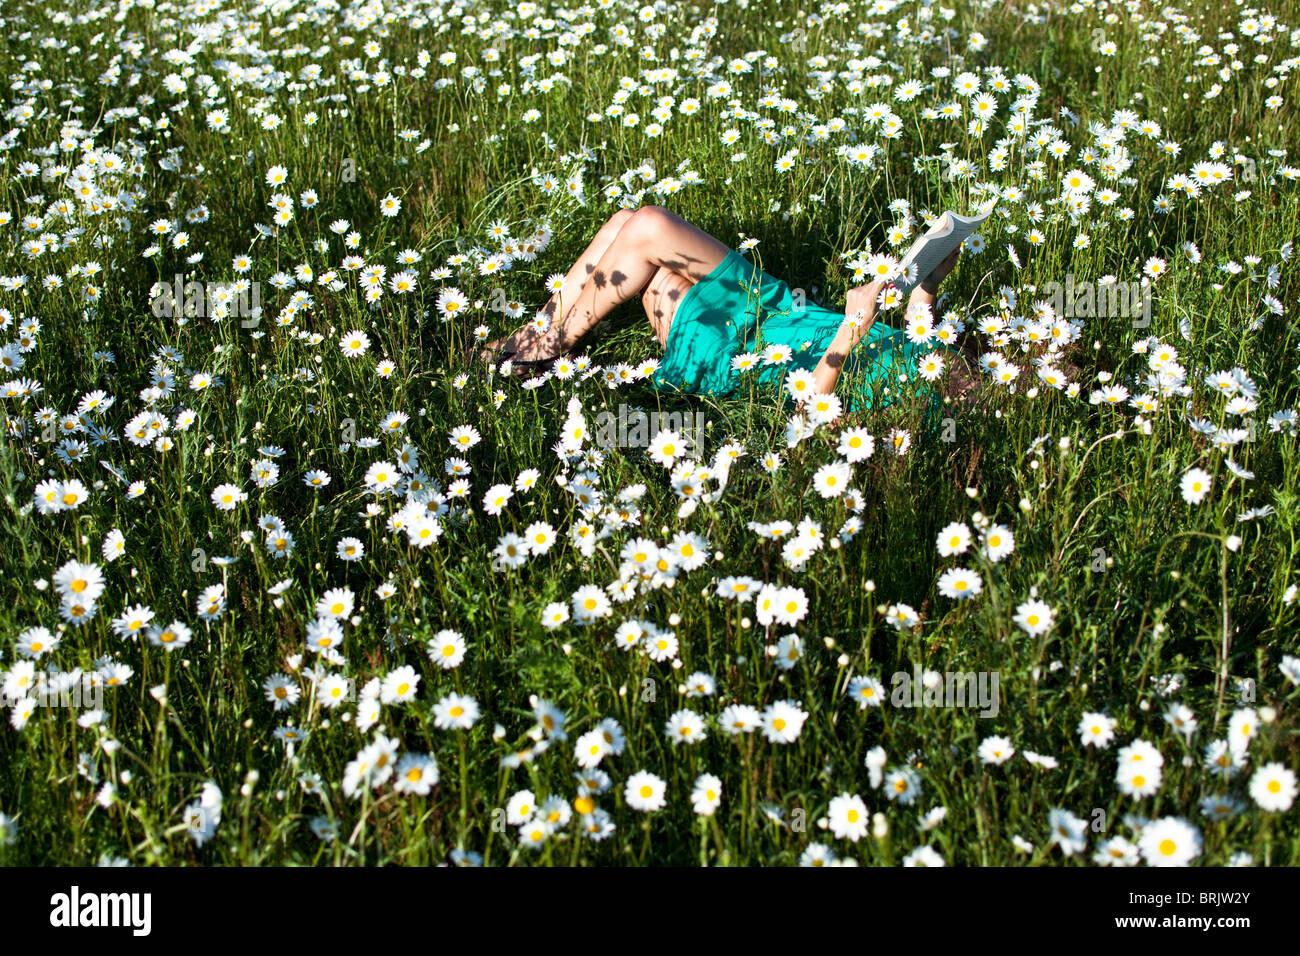 Una joven mujer disfruta de un momento bastante leyendo un libro en un campo de flores silvestres en Idaho. Imagen De Stock